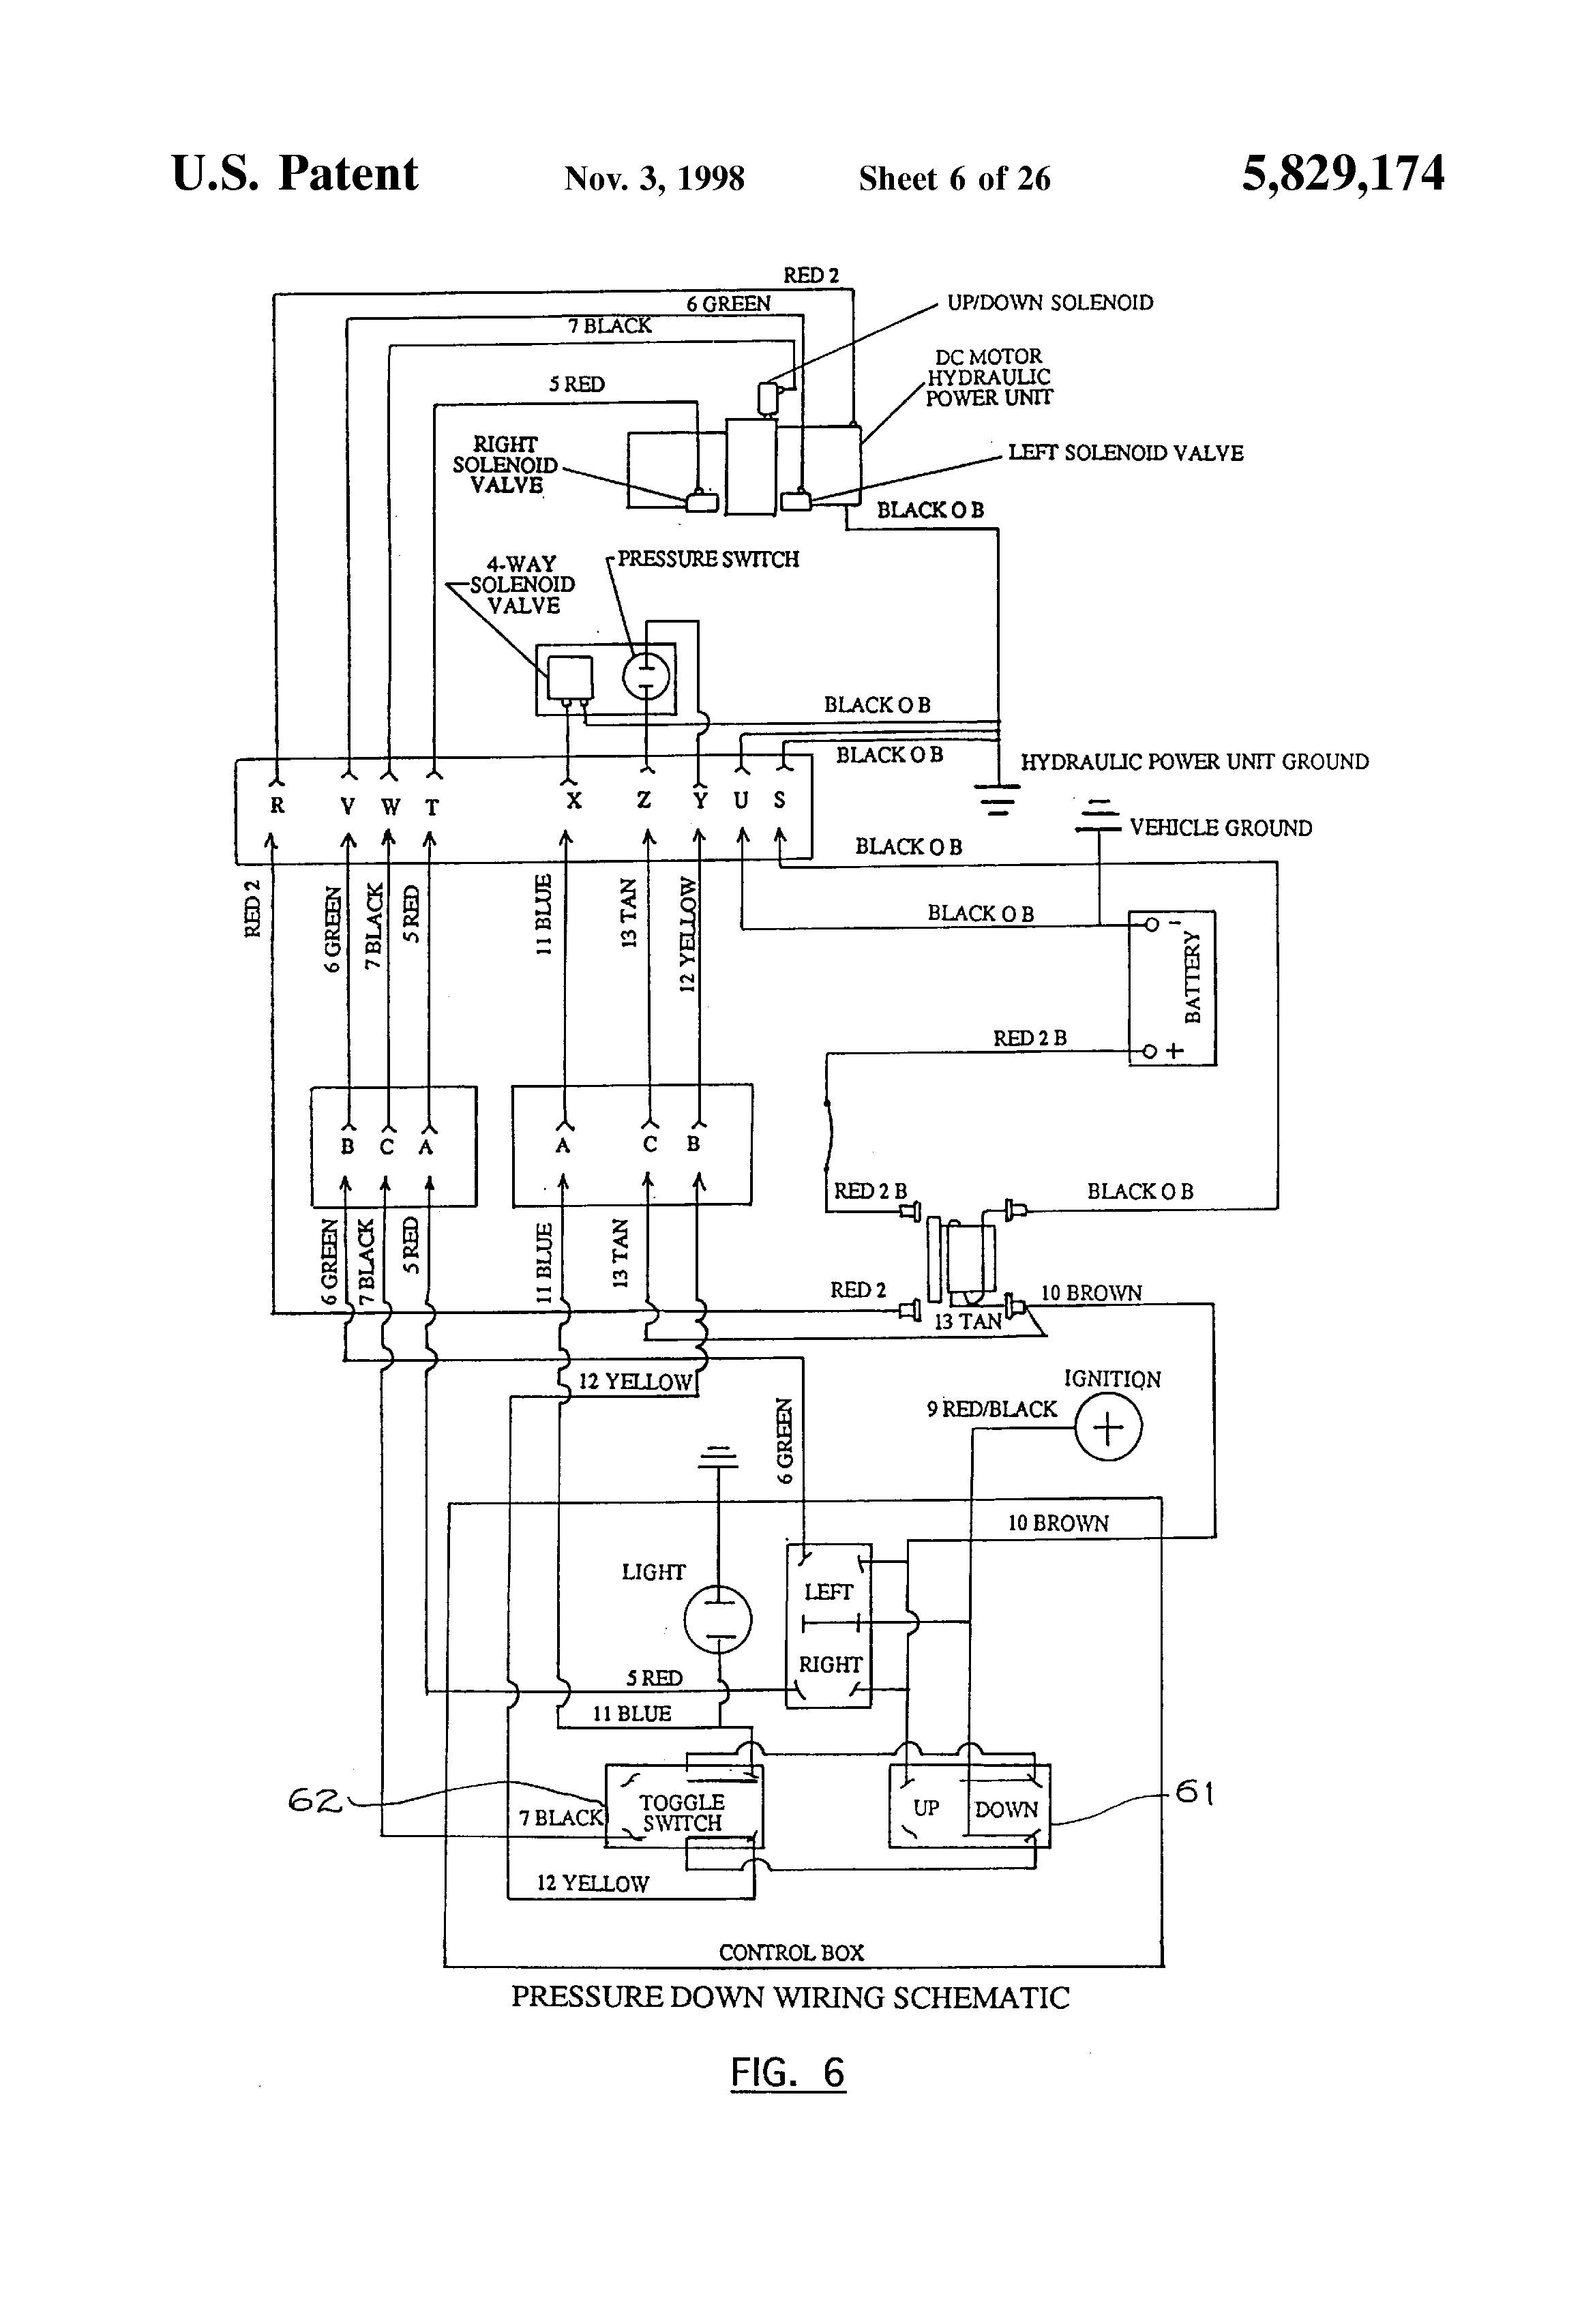 Monarch Wiring Diagram - Trailer Wiring Diagram Z1 Crossroads for Wiring  Diagram Schematics | Hydraulic Snow Plow Wiring Diagram |  | Wiring Diagram Schematics